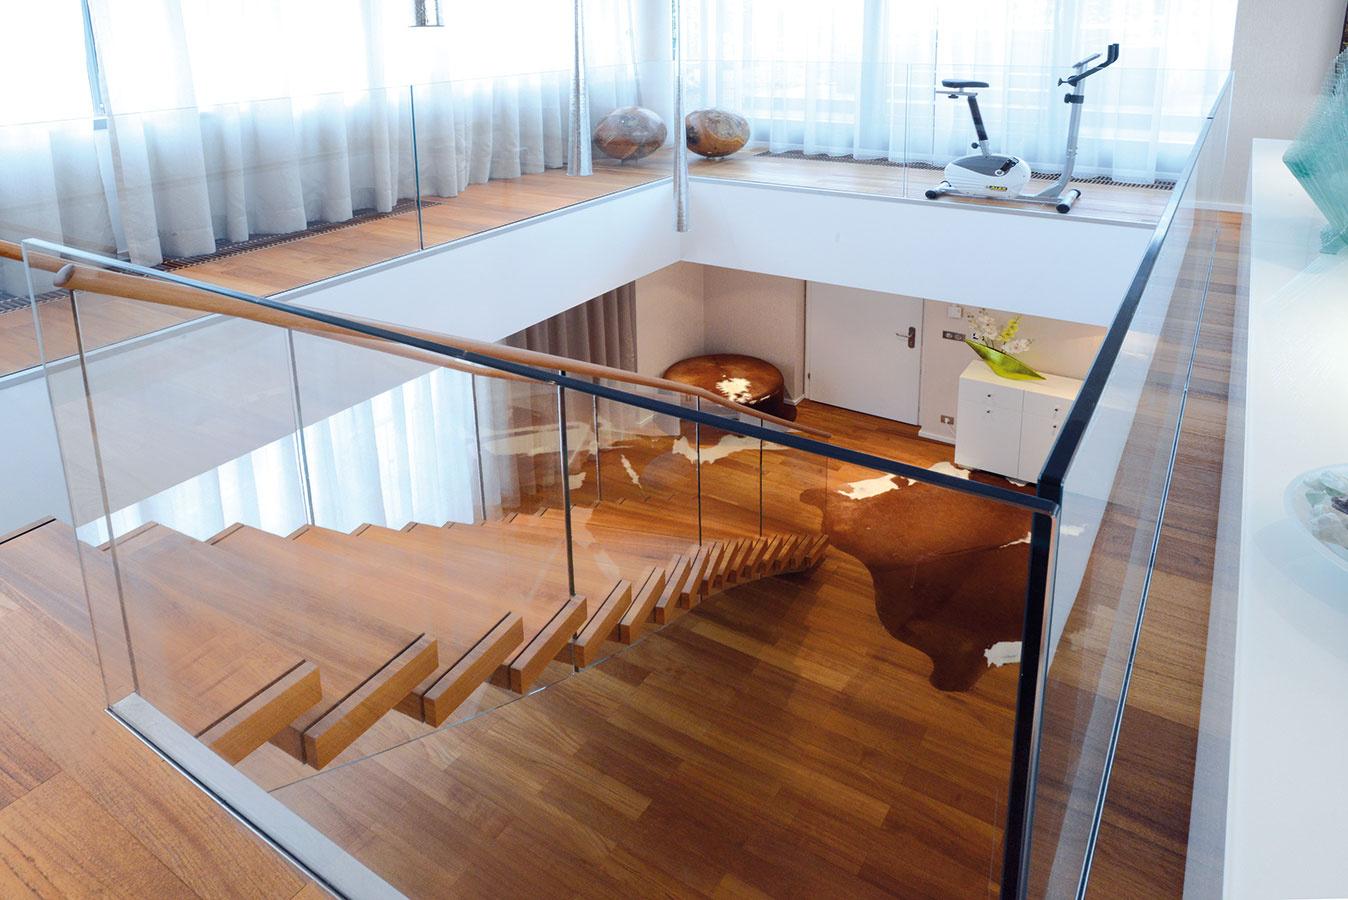 Schodiskový rébus. Zvlnením jednoramenného schodiska sa vytvoril väčší odstup prvého schodu od vchodových dverí. Vstupný priestor haly sa tým uvoľnil azároveň nebol tento zásah na úkor obývačky na poschodí.